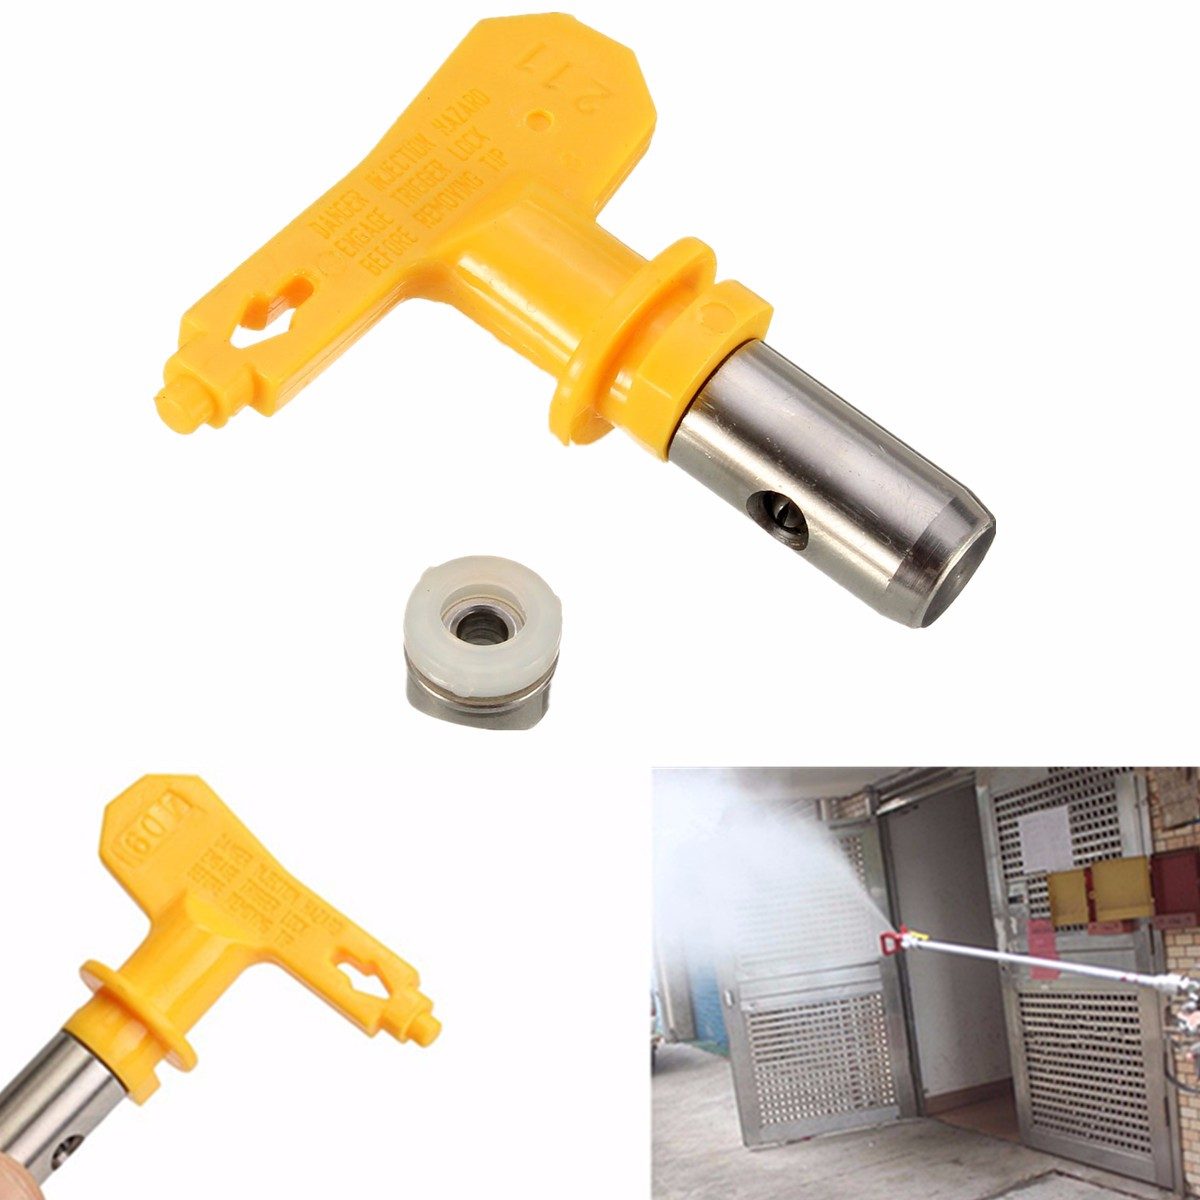 Buse aérographe série 2 jaune pour peinture aérosol de peinture sans air G un outil de réparation automatique de pulvérisateur de peinture Portable